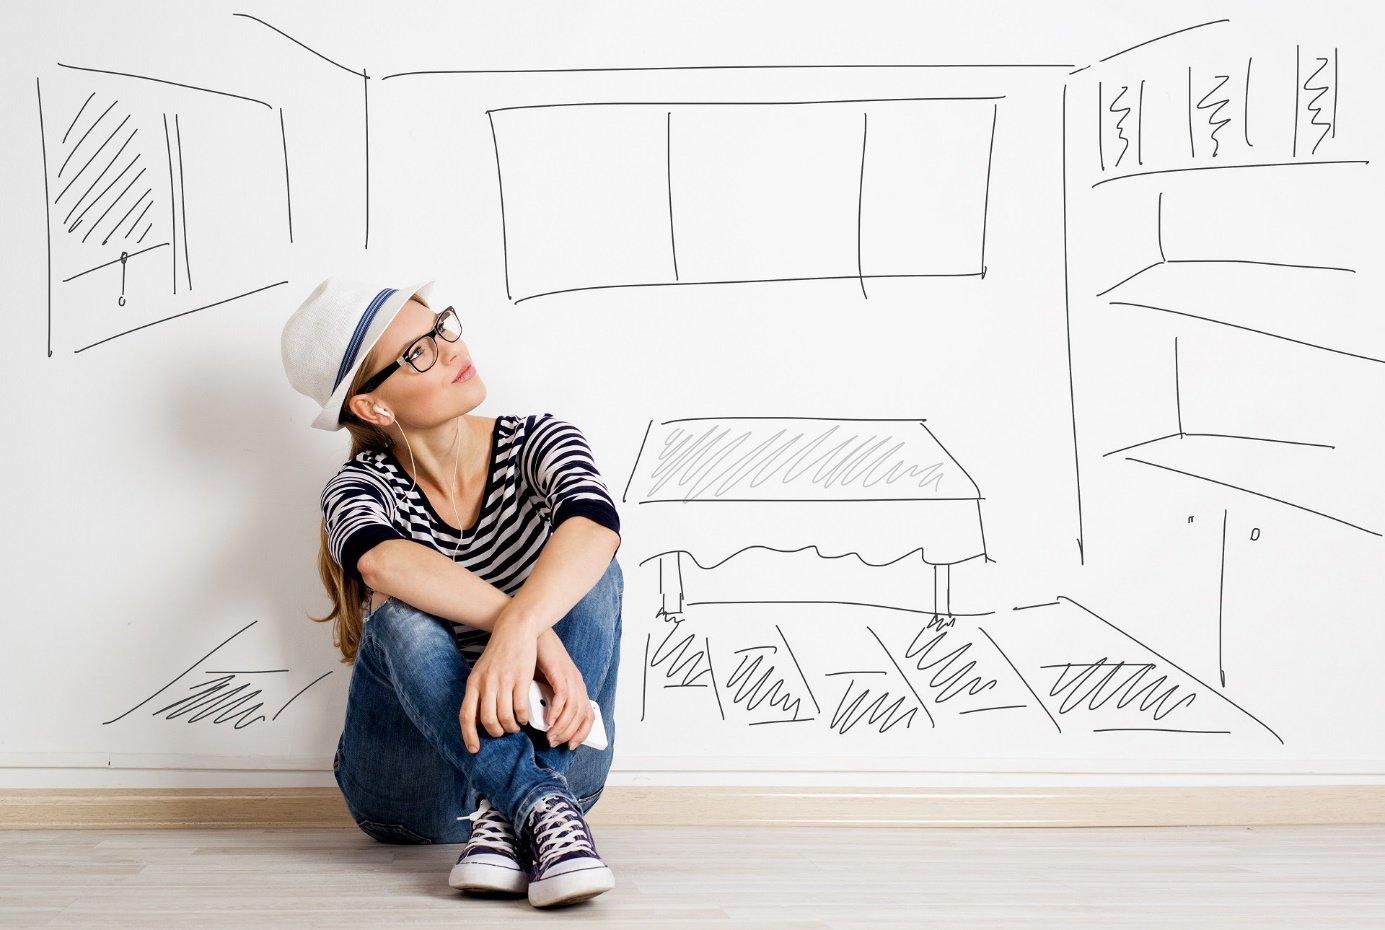 Státní půjčky na bydlení pro mladé jsou jen plácnutí do vody - anotační obrázek